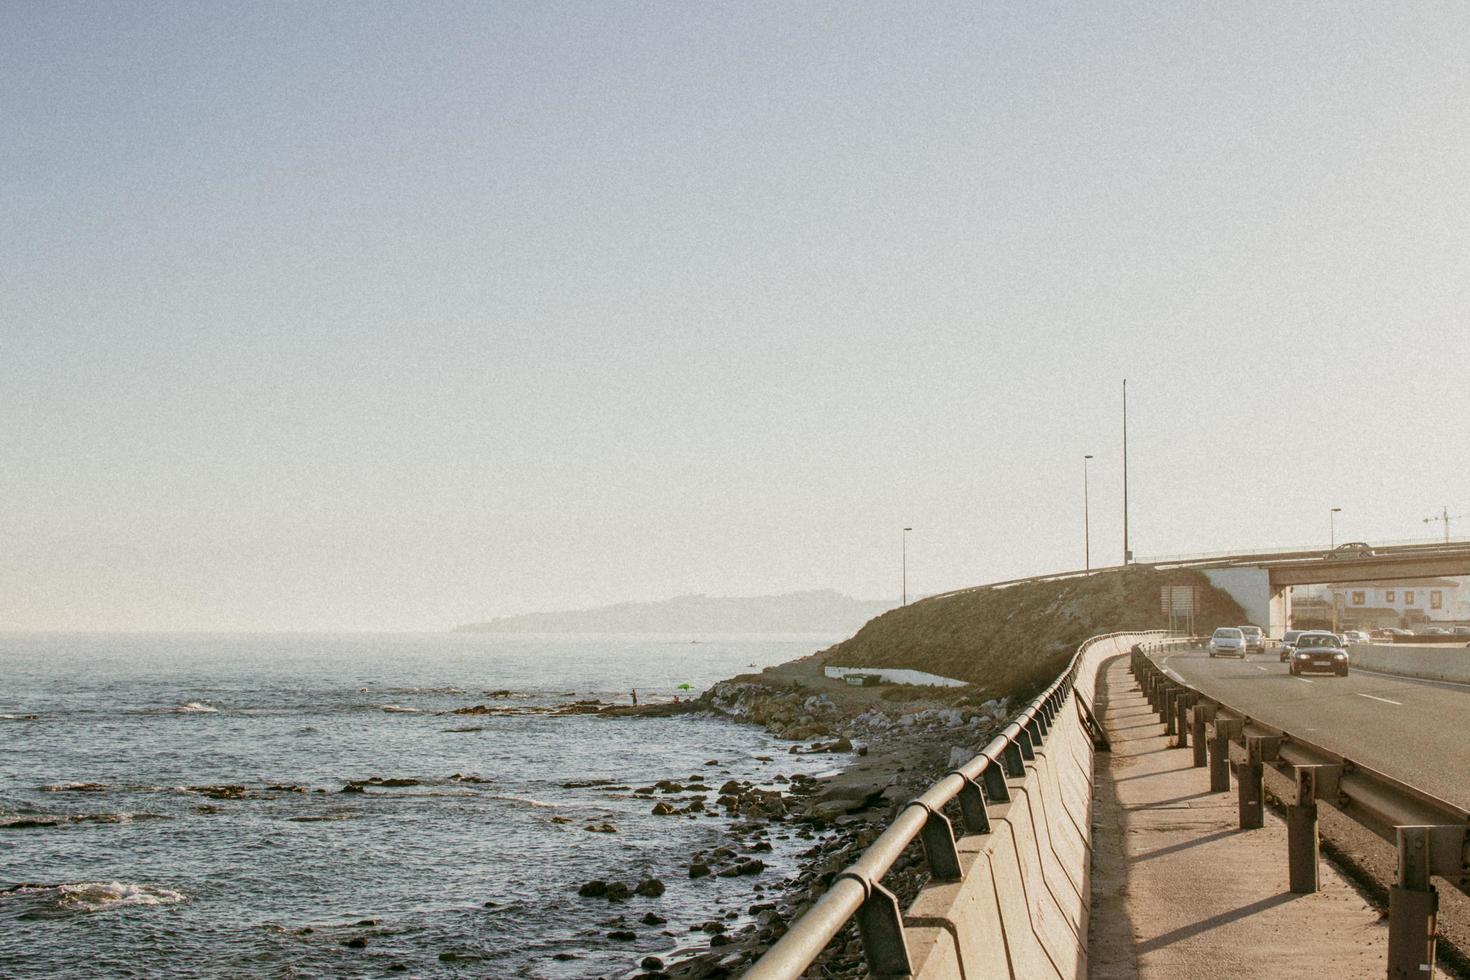 ponte sulla costa foto